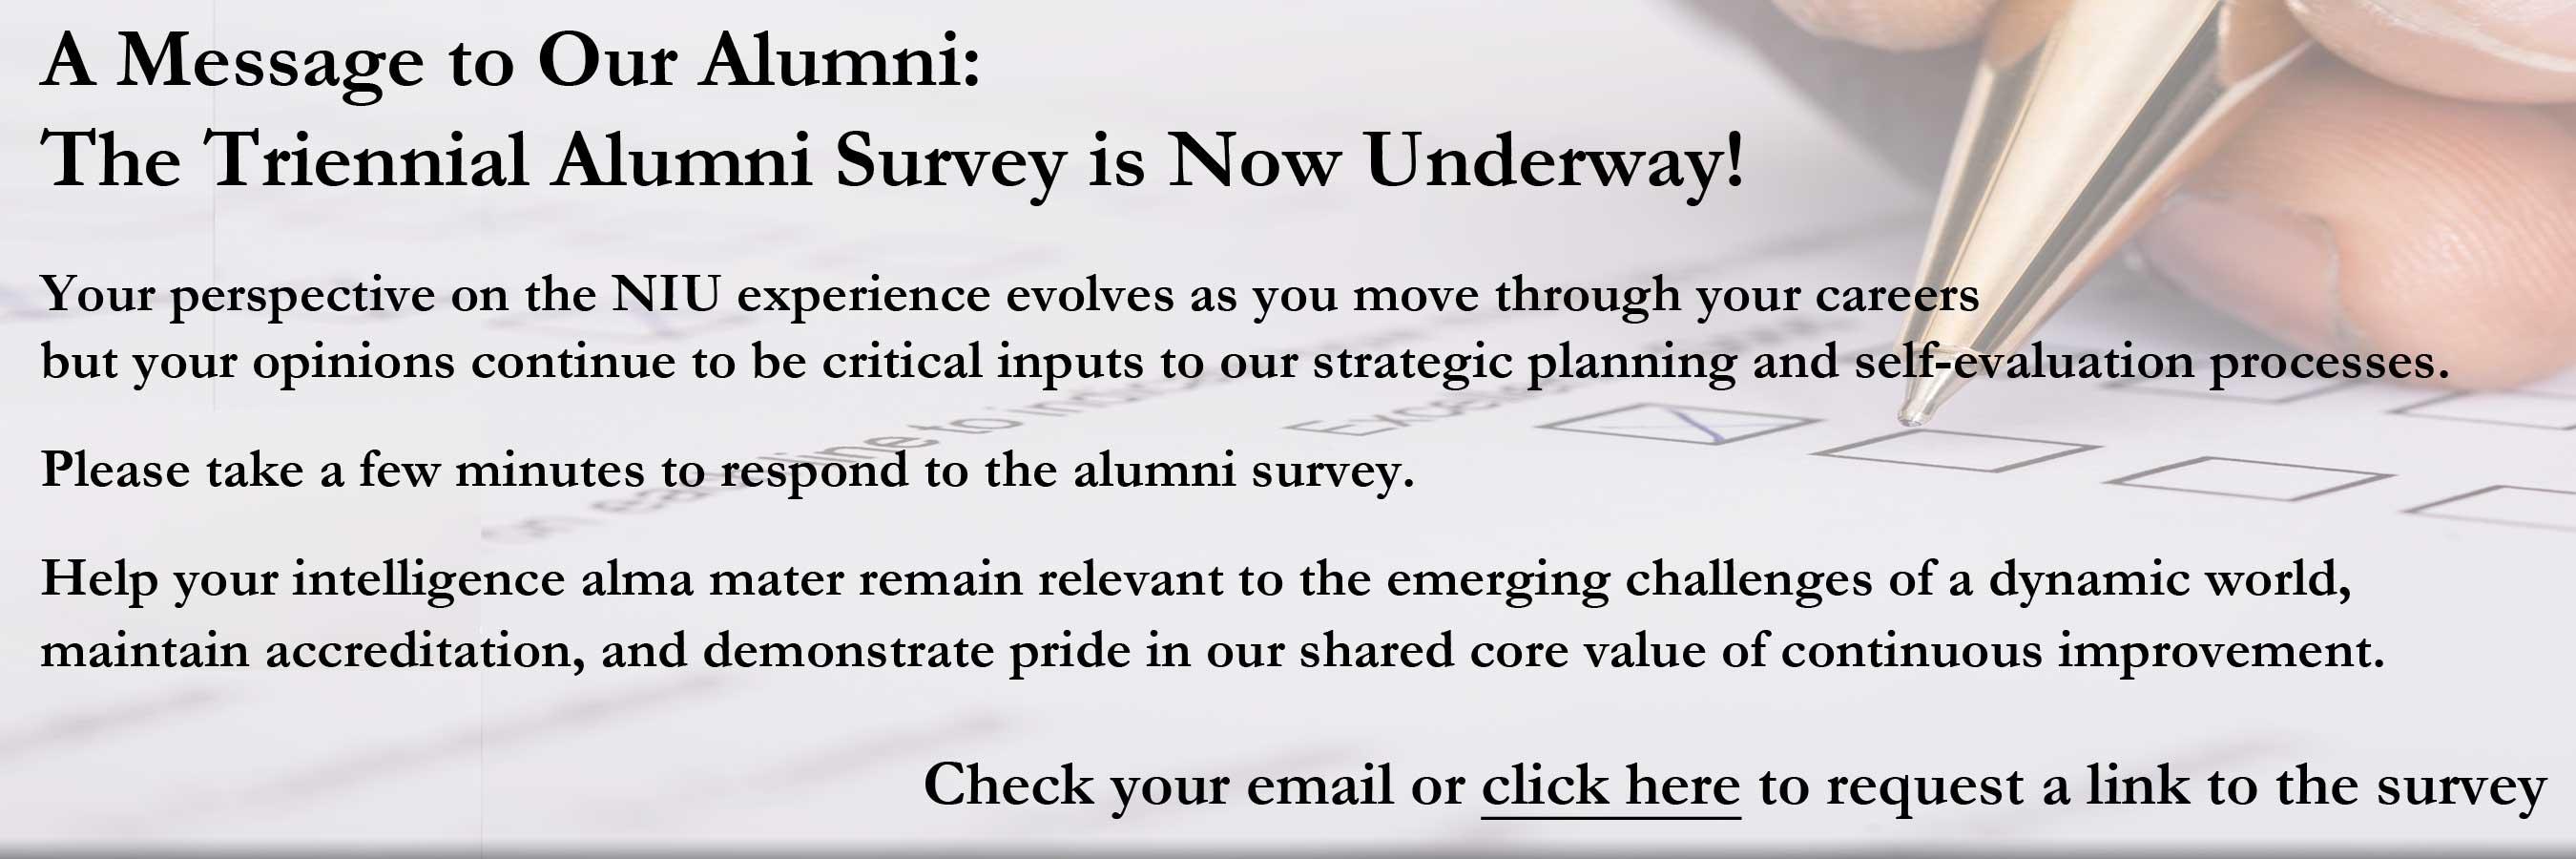 Alumni_Survey